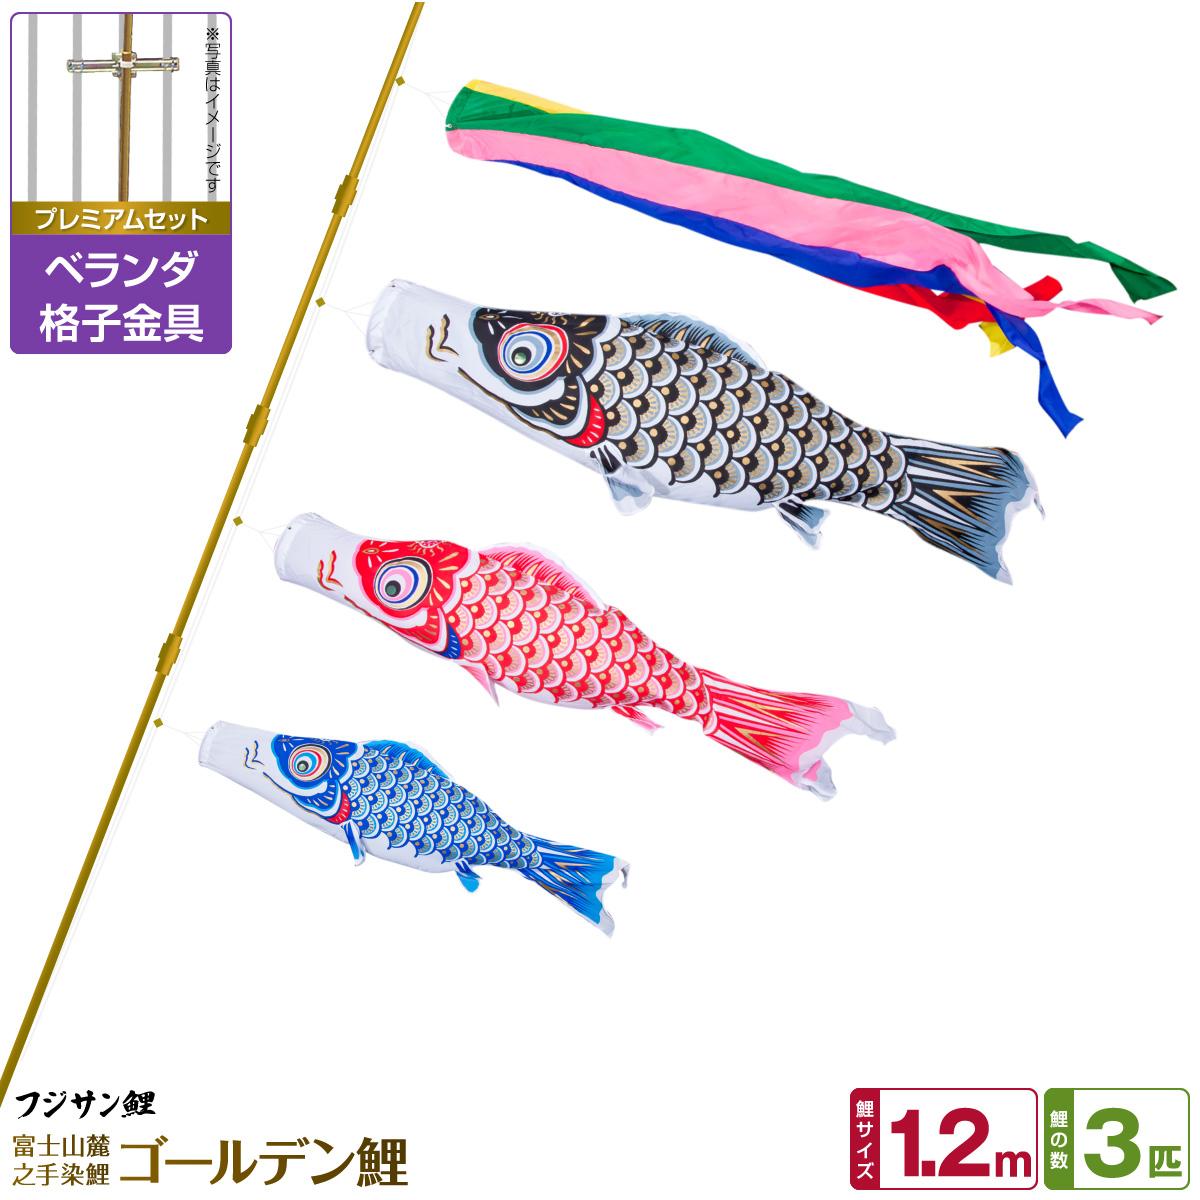 ベランダ用 こいのぼり 鯉のぼり フジサン鯉 ゴールデン鯉 1.2m 6点(吹流し+鯉3匹+矢車+ロープ)/プレミアムセット(格子金具)